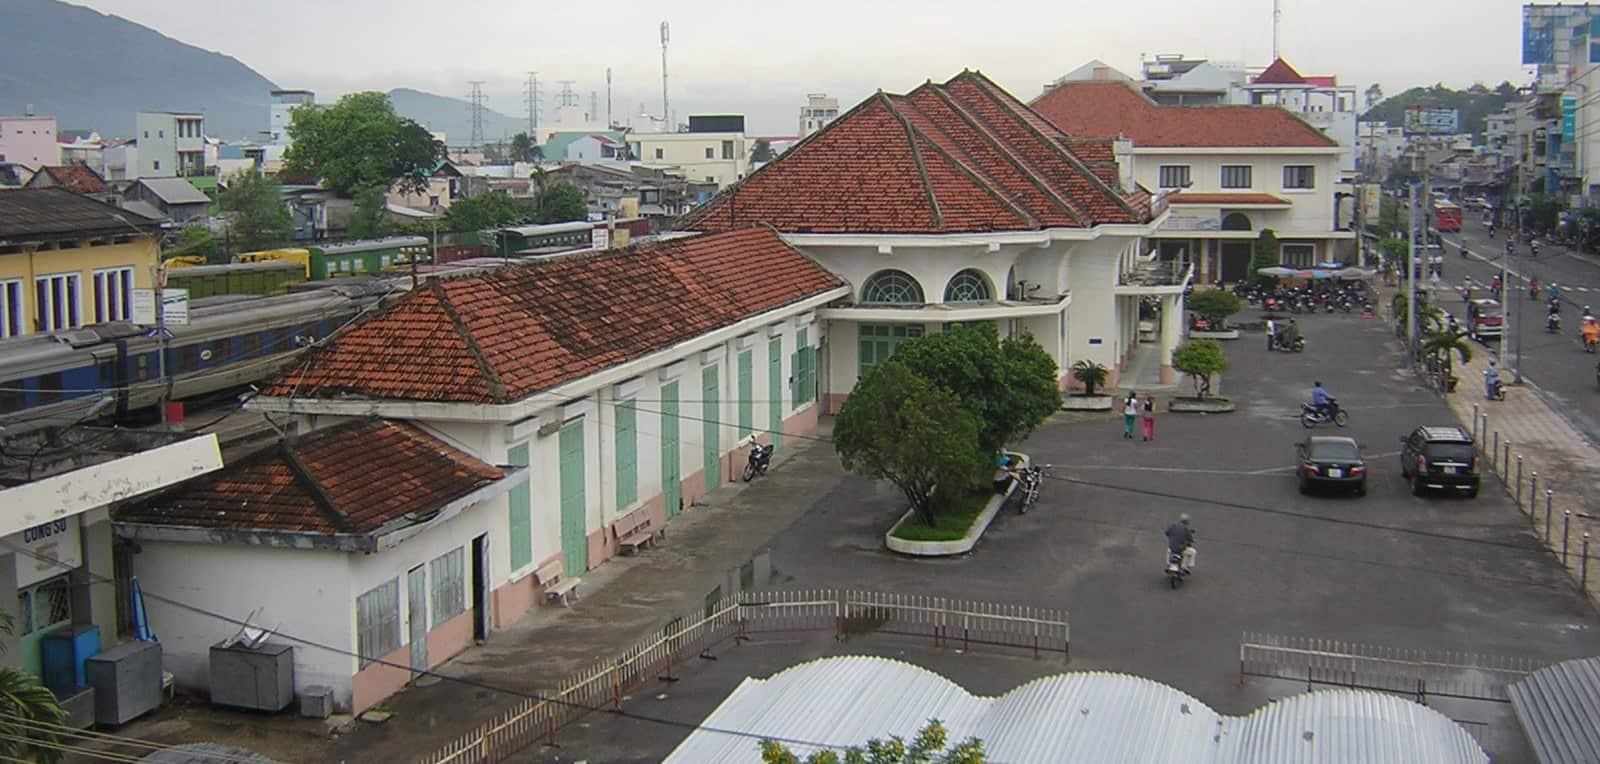 Khung cảnh nhà ga từ trên cao (ẢNH ST)